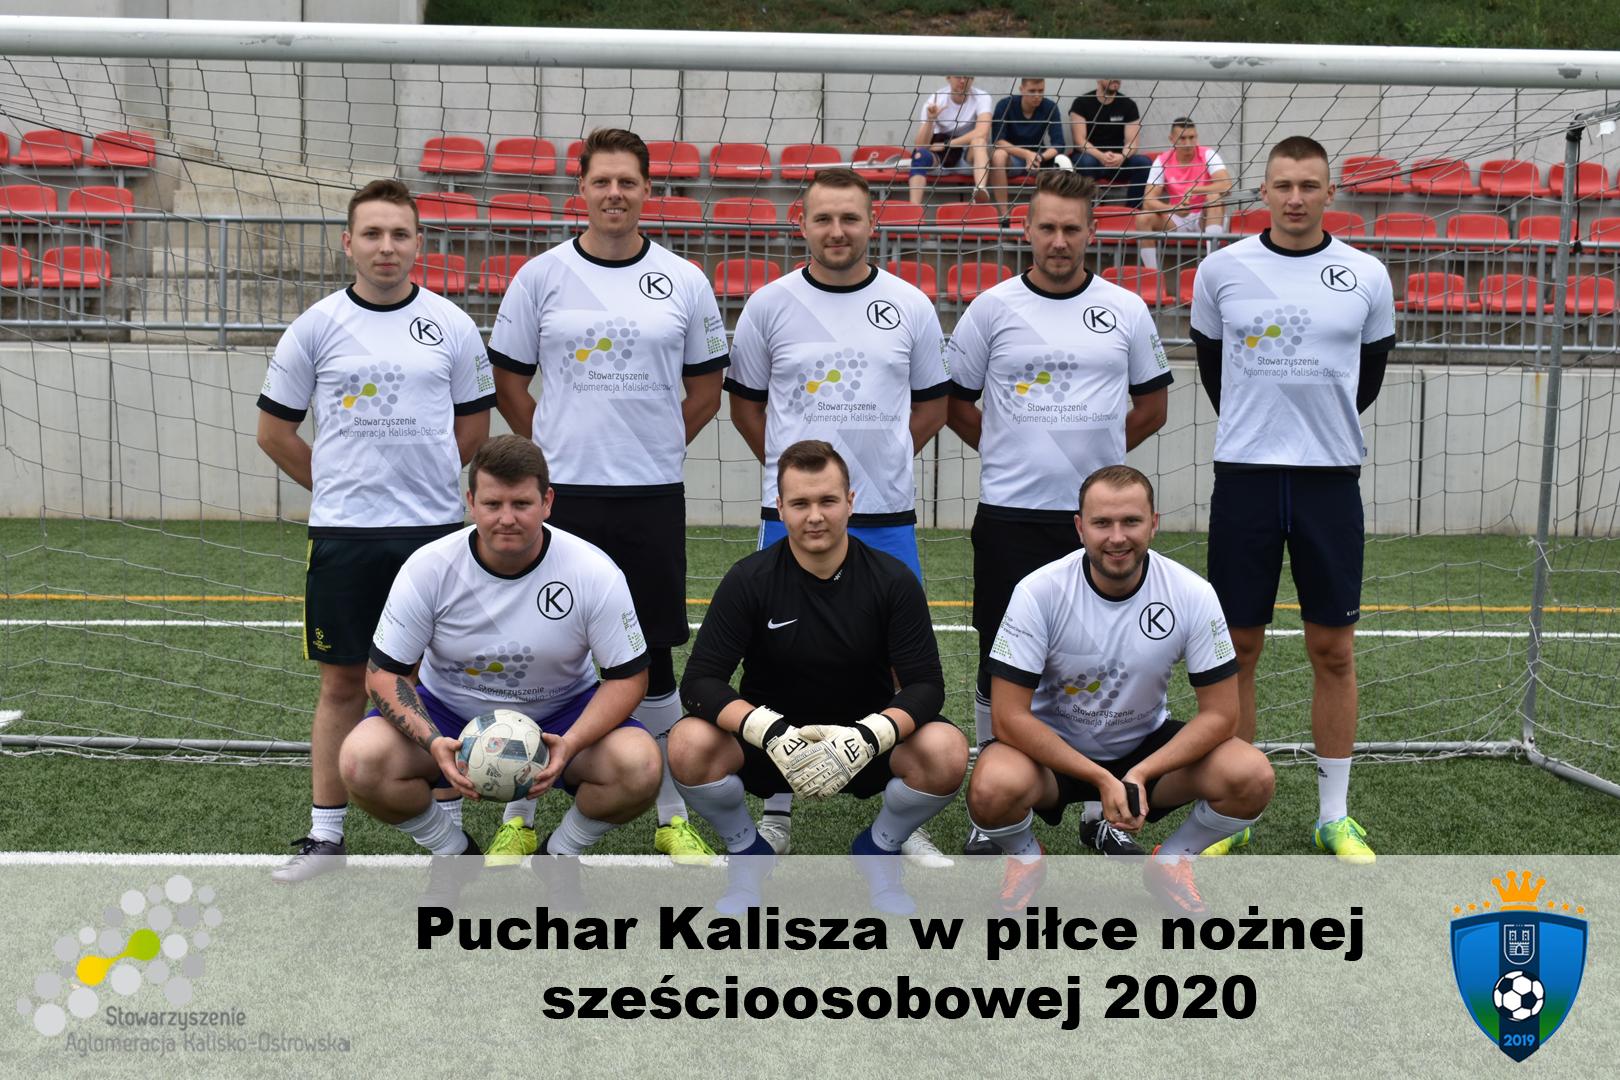 dsc 0757 - Puchar Kalisza w piłce nożnej sześcioosobowej